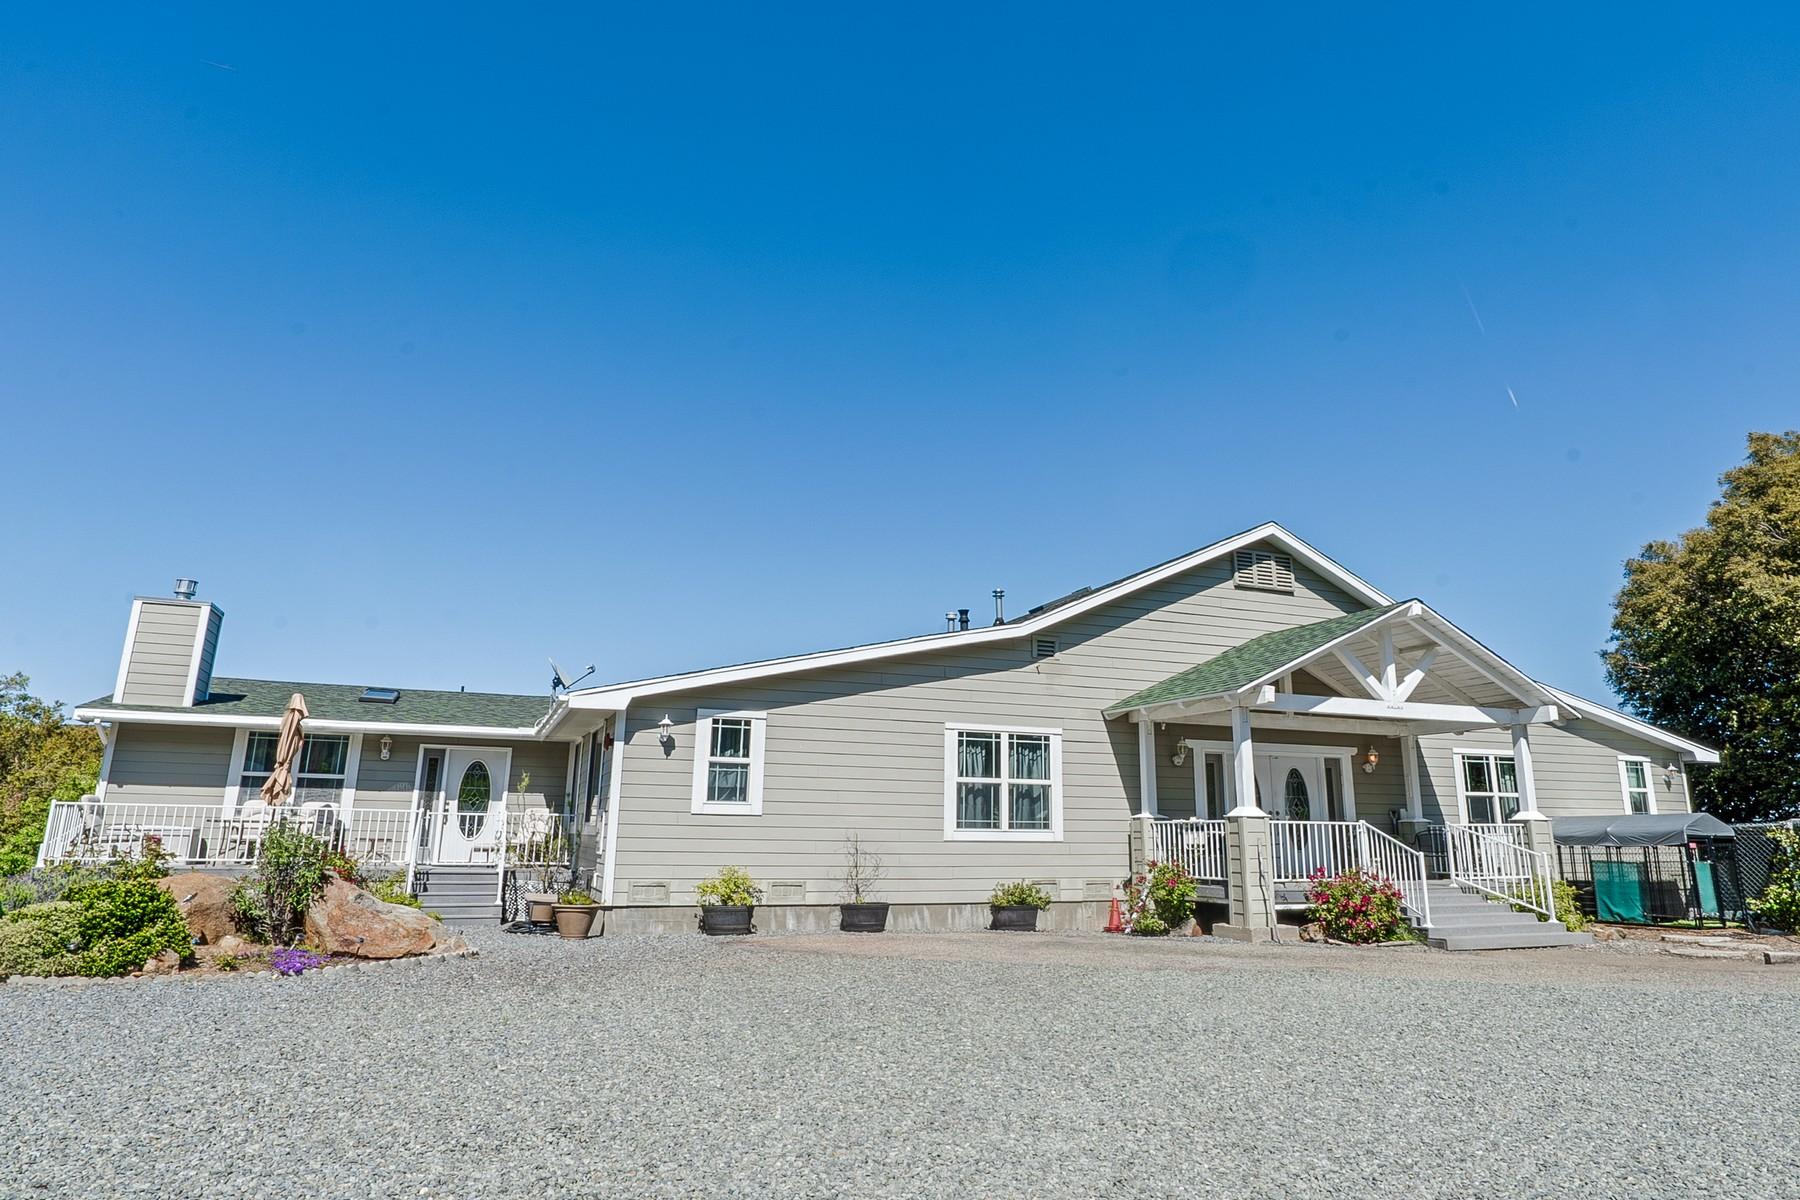 一戸建て のために 売買 アット 3535 Highway 79 Julian, カリフォルニア, 92036 アメリカ合衆国